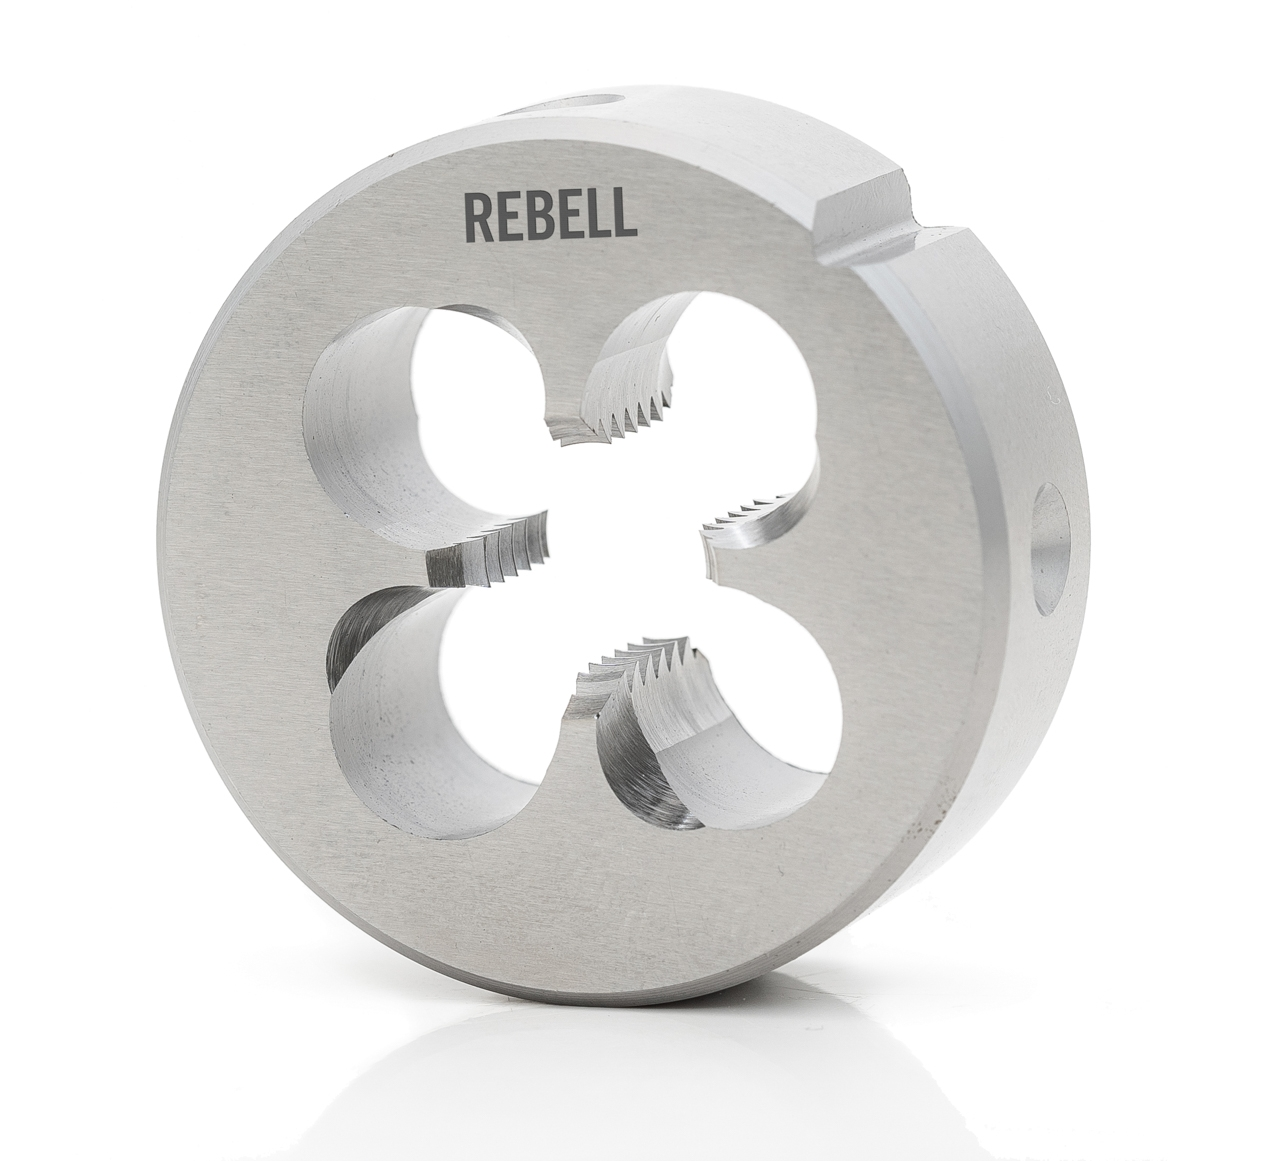 REBELL Schneideisen UNEF RH 2A HSS mit Schälanschnitt - EN 22568 - Typ N